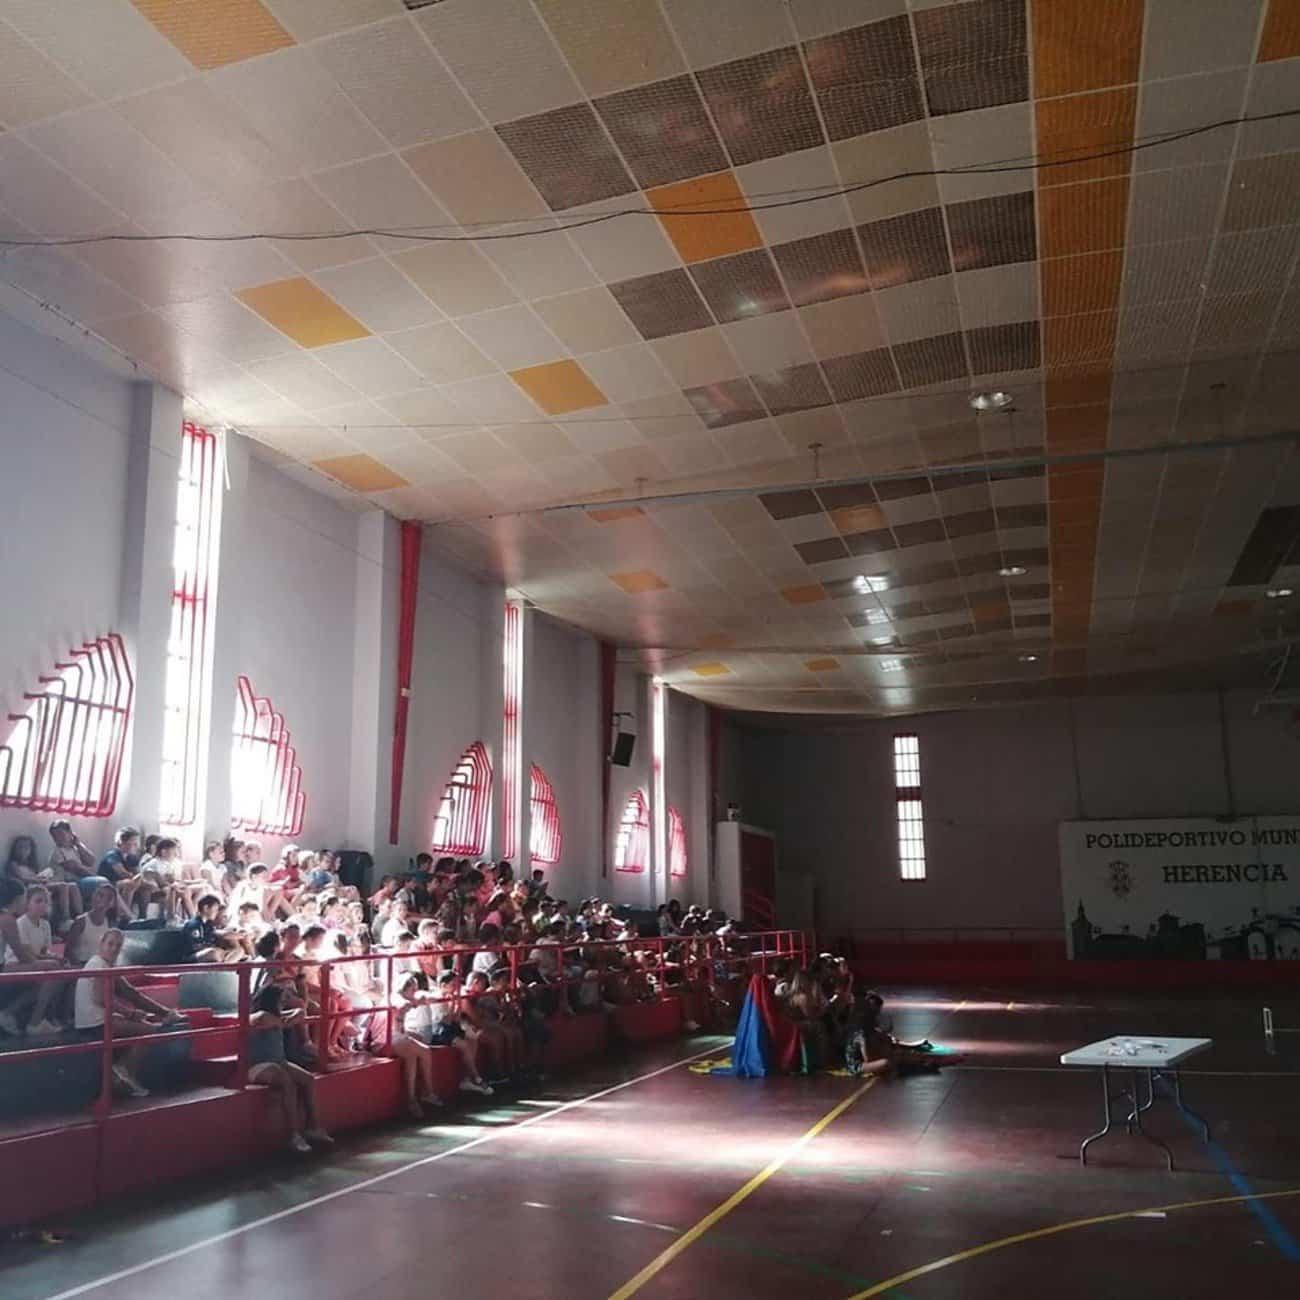 clausura escuela verano herencia 9 - Clausura de la Escuela de Verano 2019 en Herencia